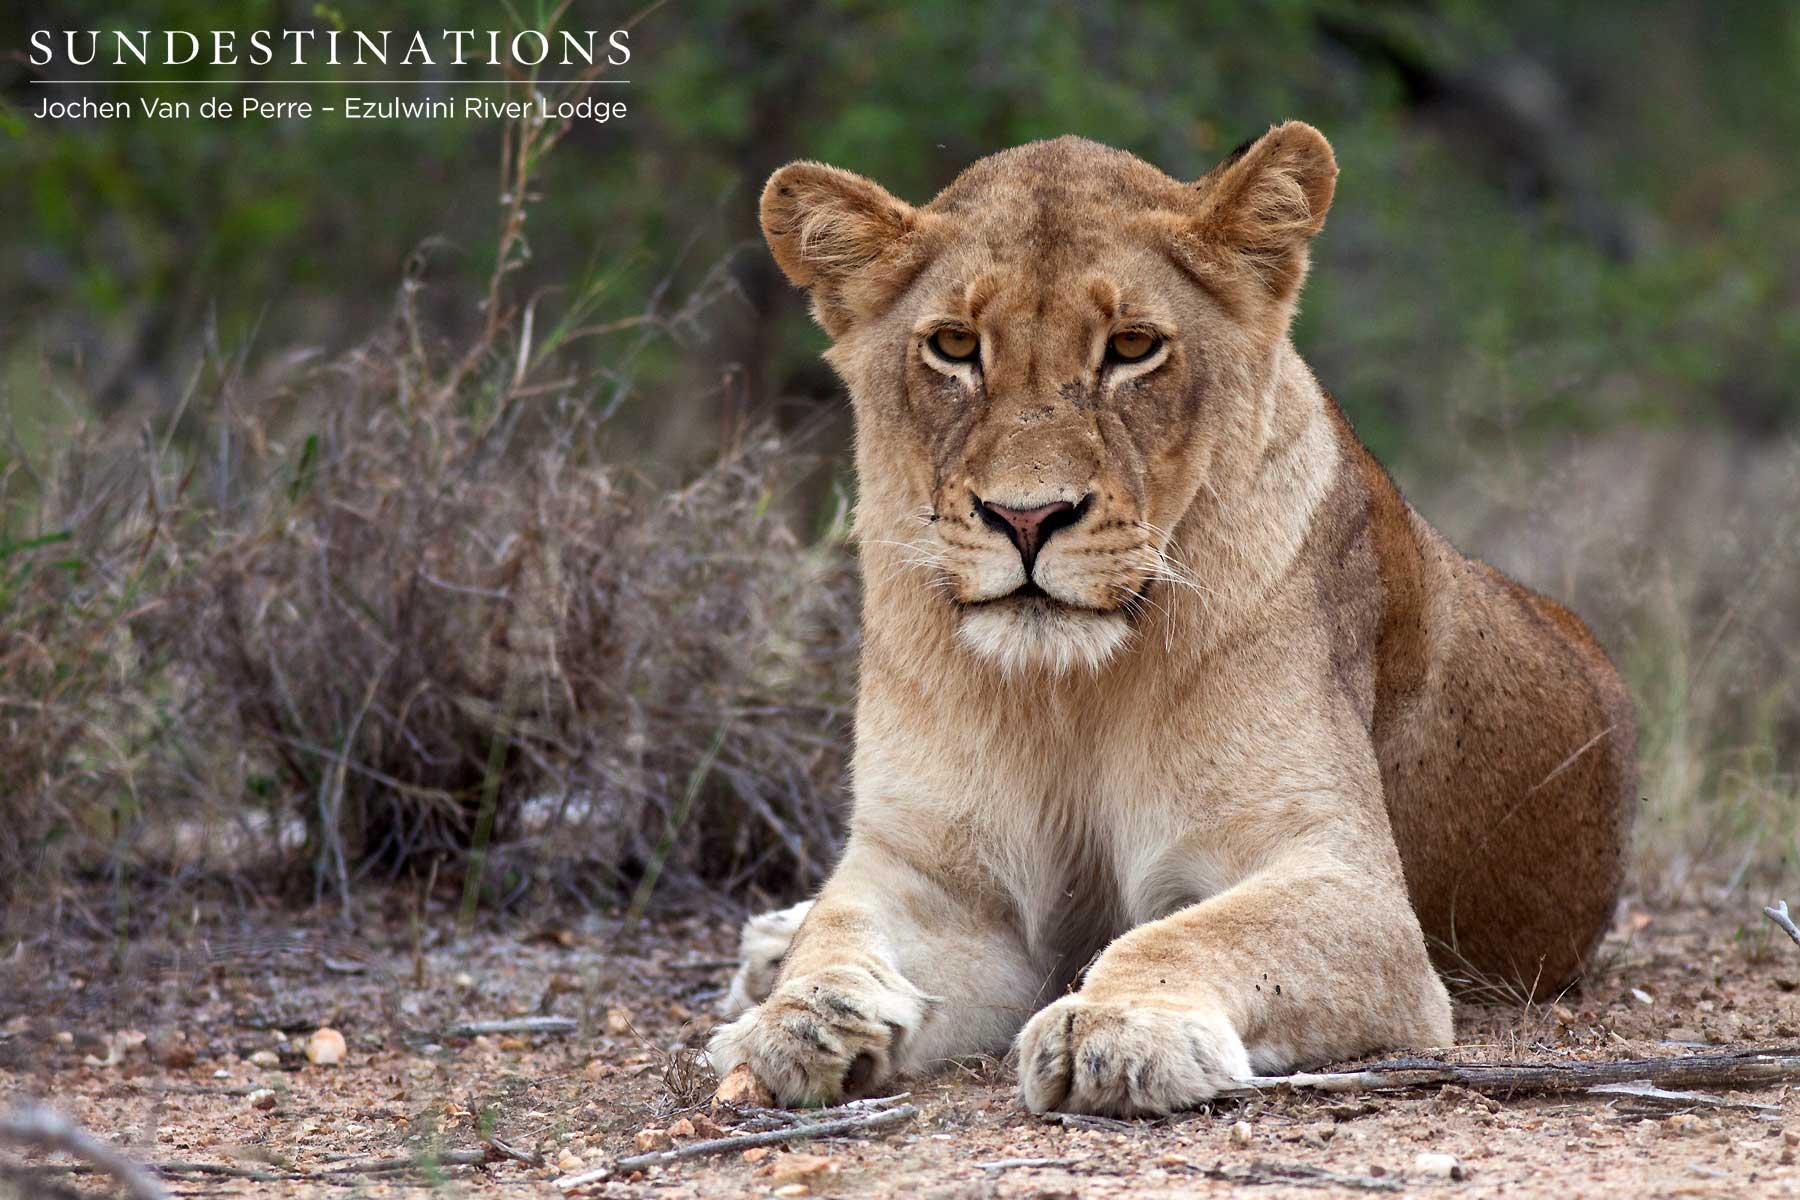 Olifants West Lion Pride Portraits